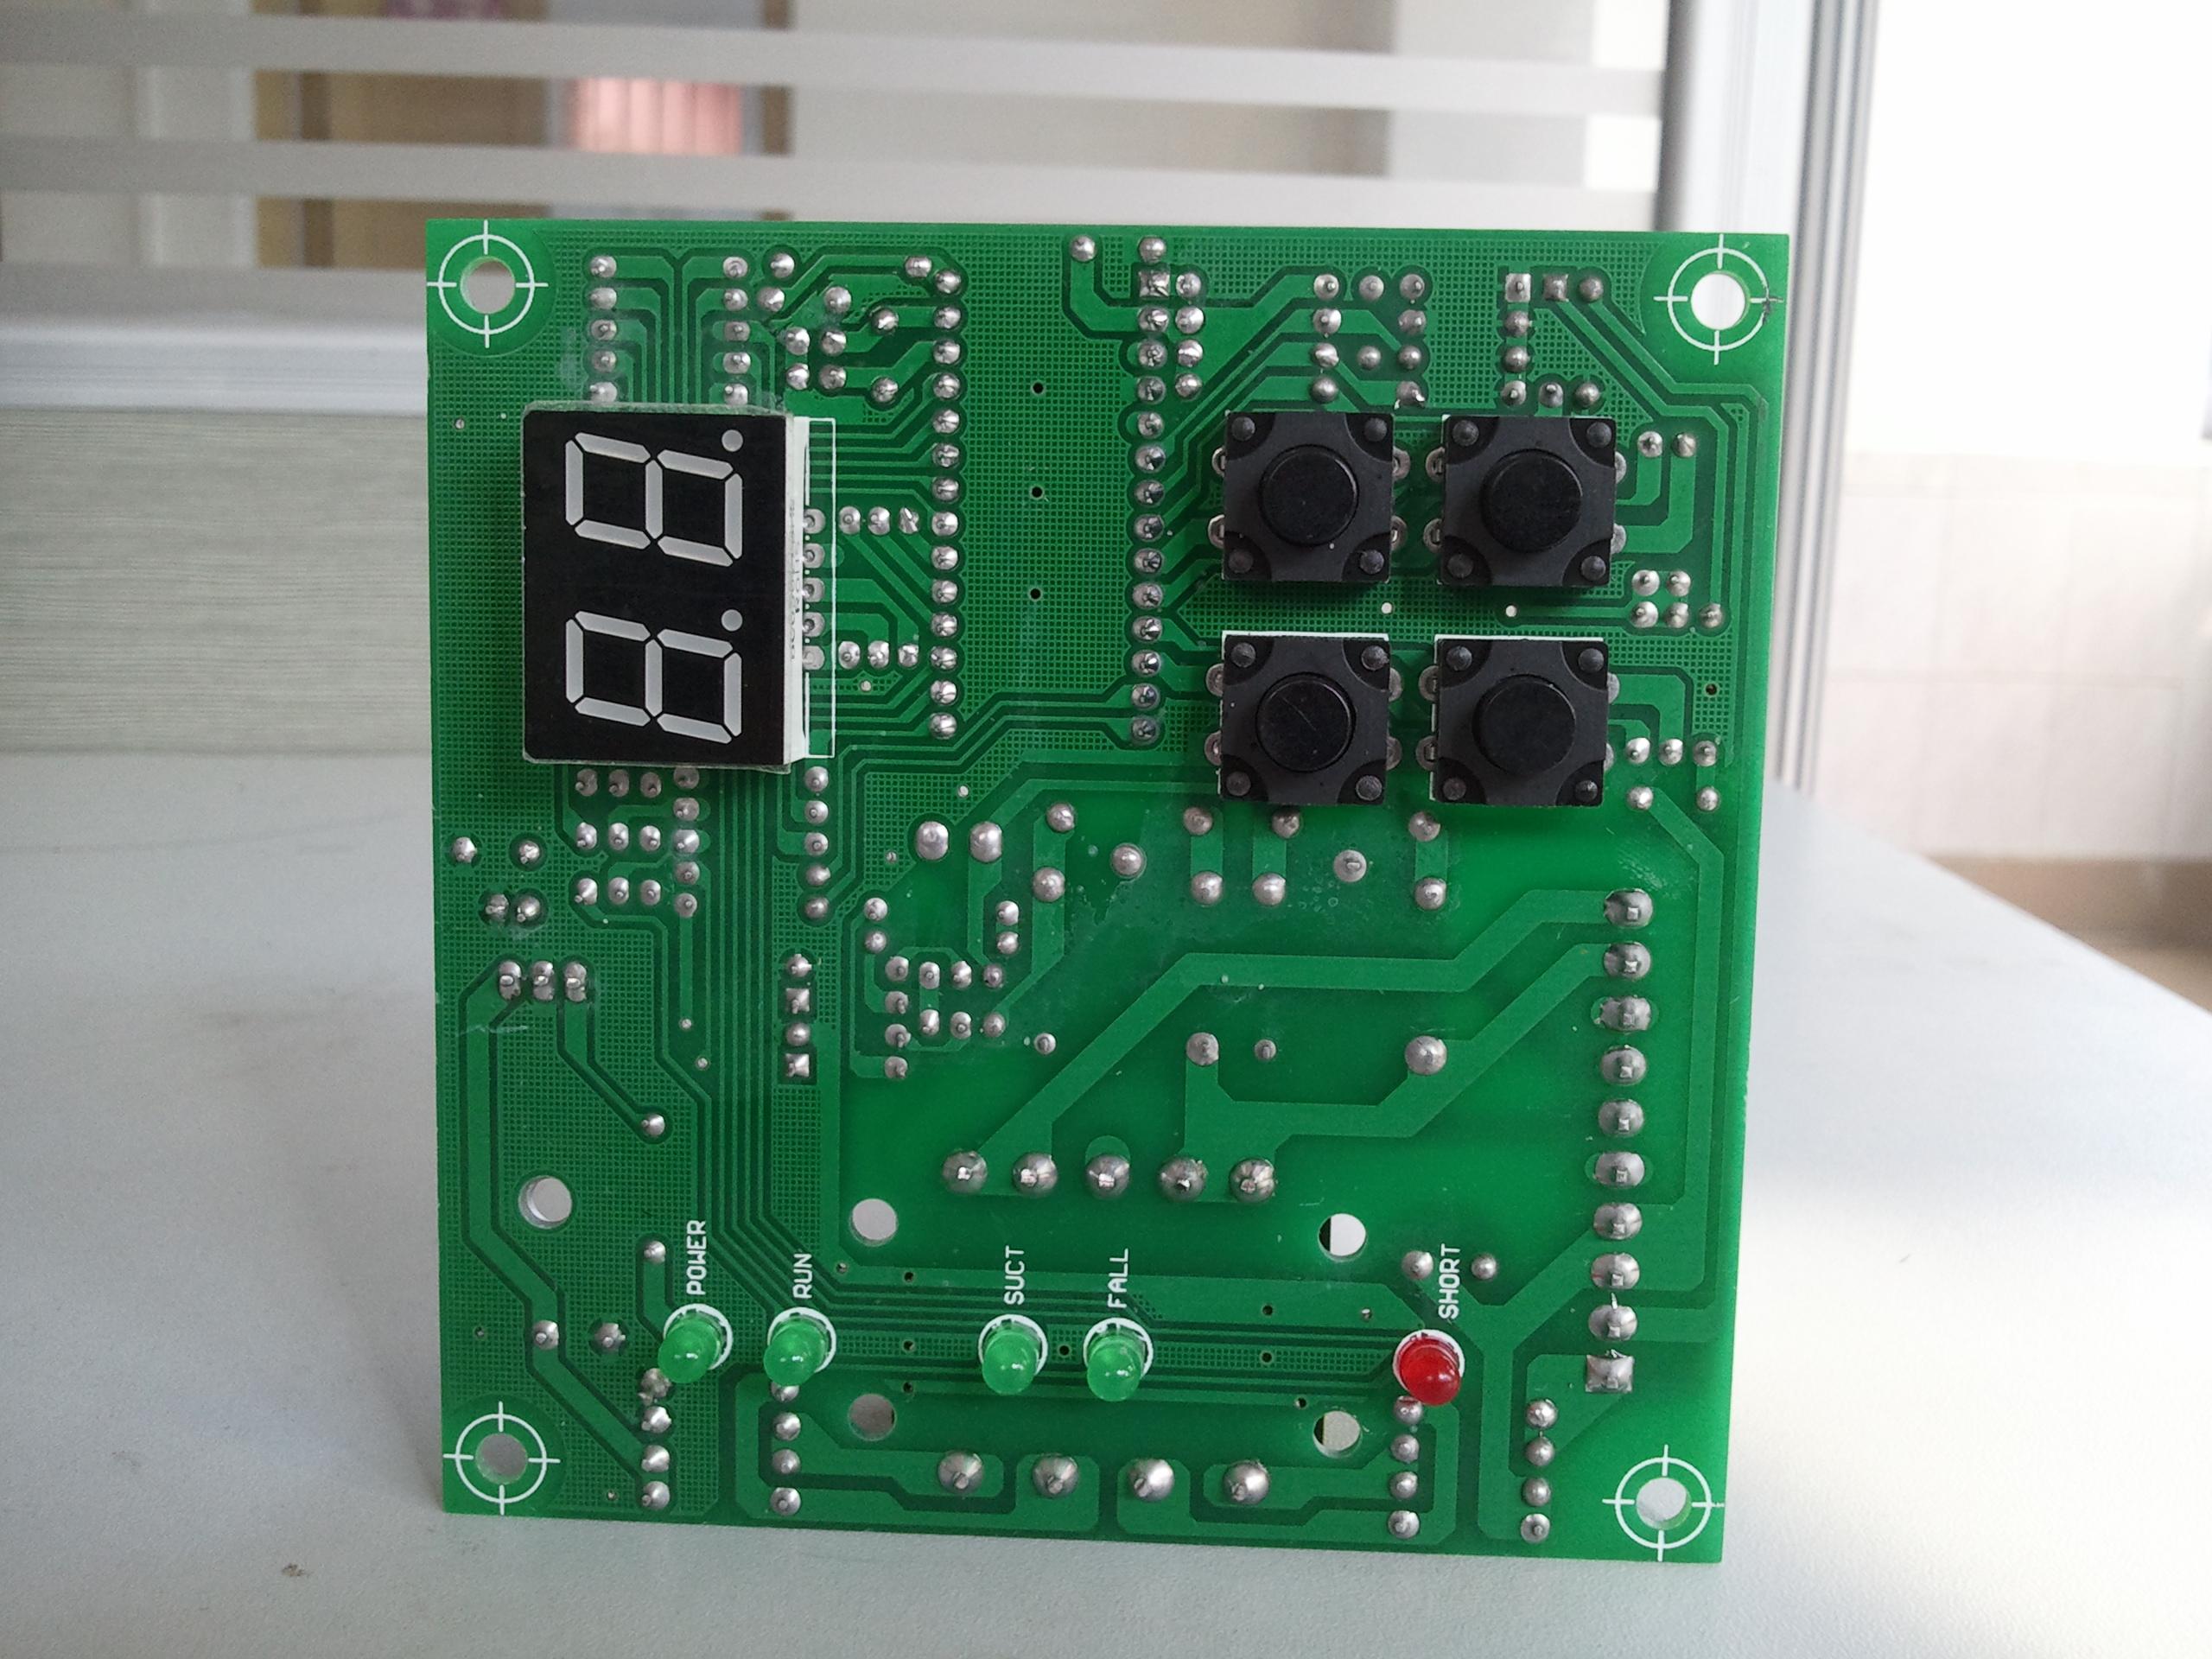 销售电话:15986777365储生或加QQ:1074042354 主营产品: 信易填料机配件: 填料机线路板 SAL-300上料机线路板,SAL-330上料机电脑板,SAL-700G控制板,SAL-800G电子板, CS-01填料机线路板,填料机微电脑板,填料机控制器,填料机控制板,填料机电子板 吸料机马达电机 SAL-300电机马达 SAL-330电机马达 SAL-700G电机马达 SAL-800G电机马达 119656-00马达 FF10马达电机,E47185电机,UB11054A马达电机,UB12